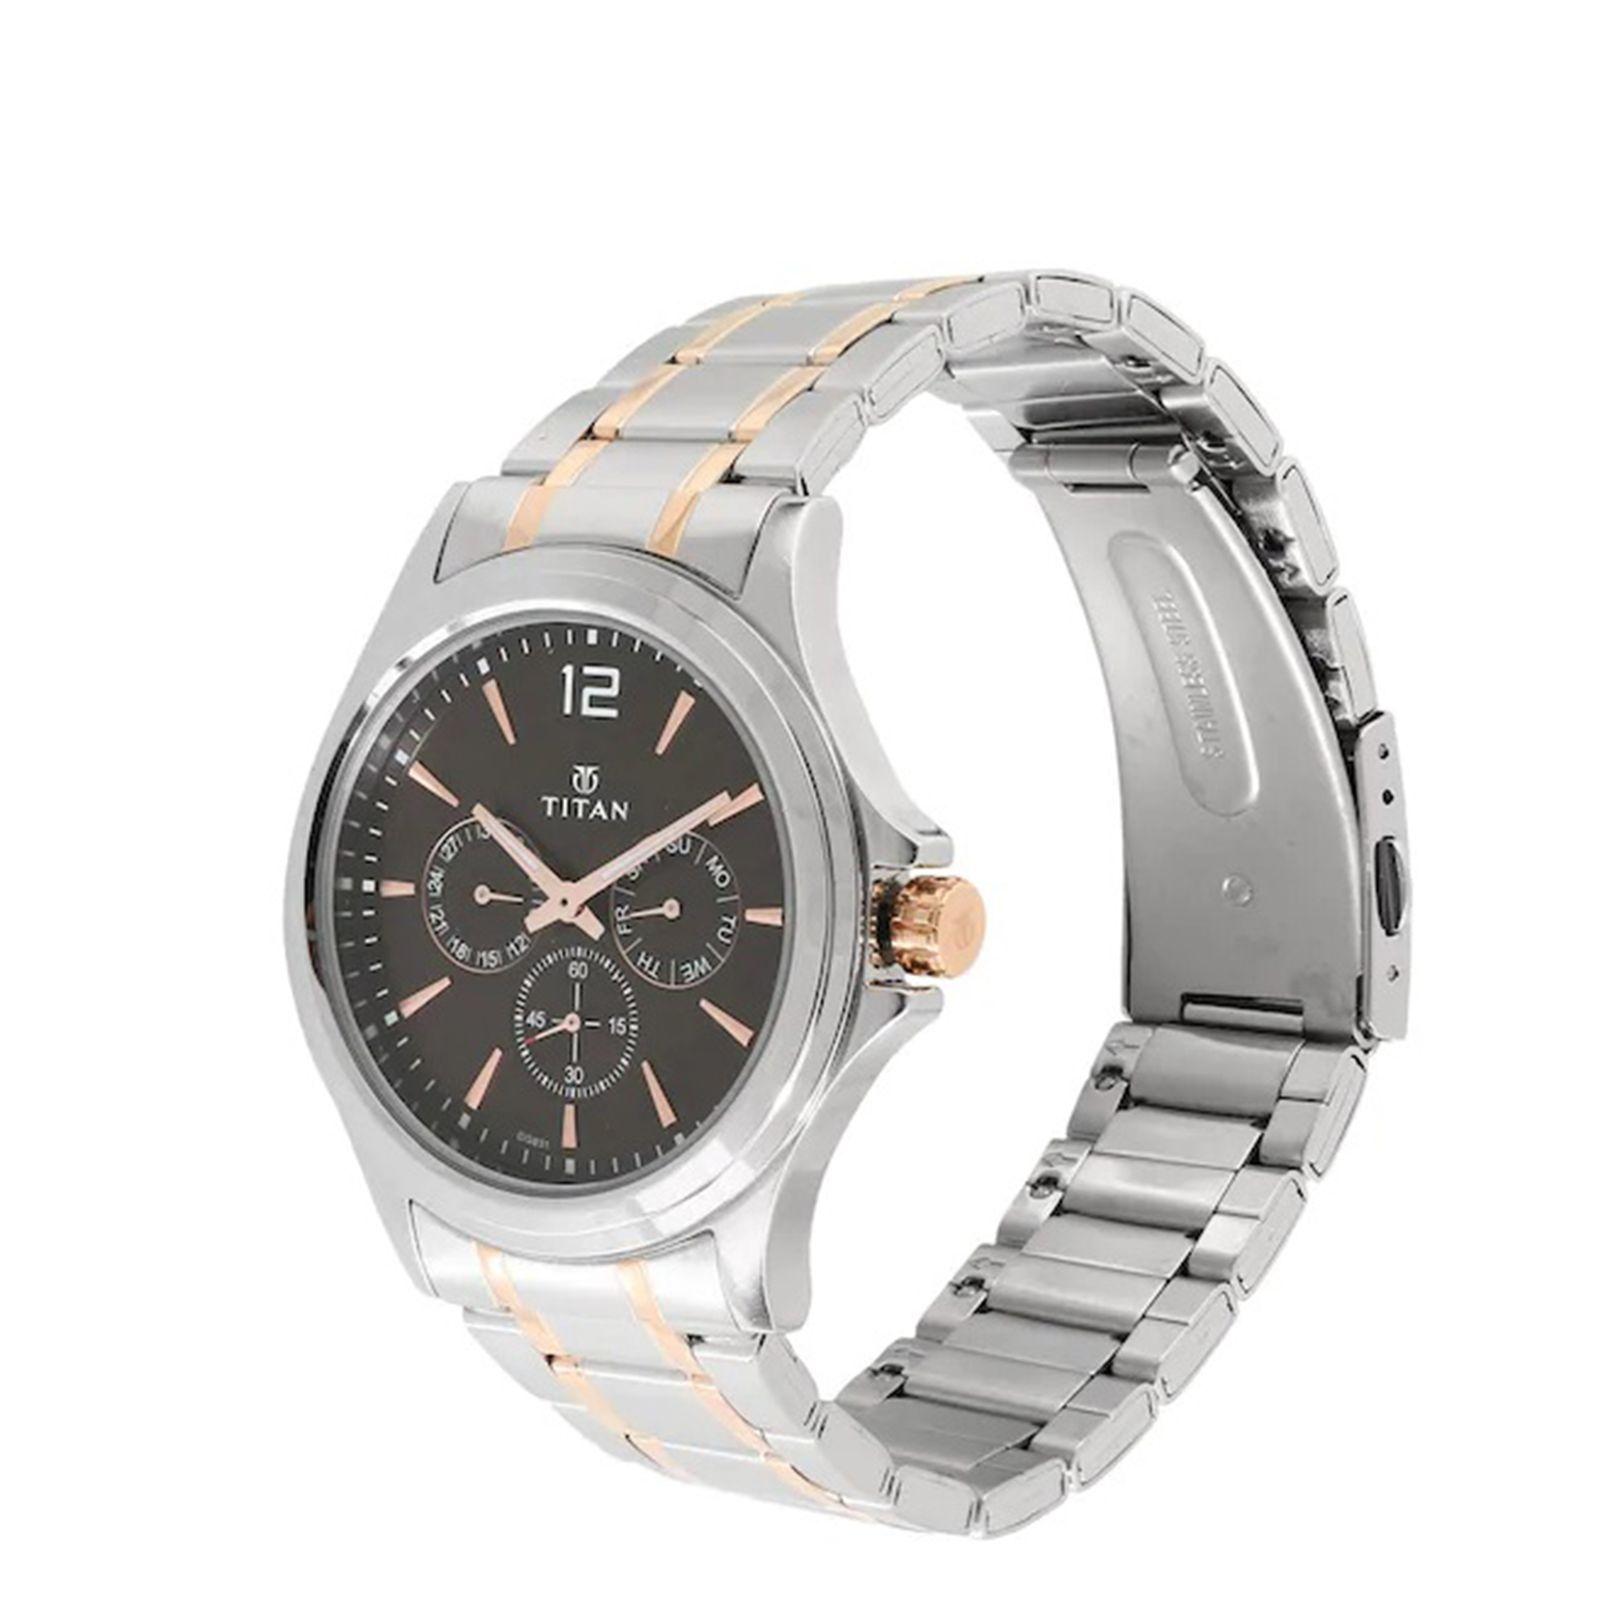 ساعت مچی عقربه ای مردانه تیتان مدل T1698KM01 -  - 3